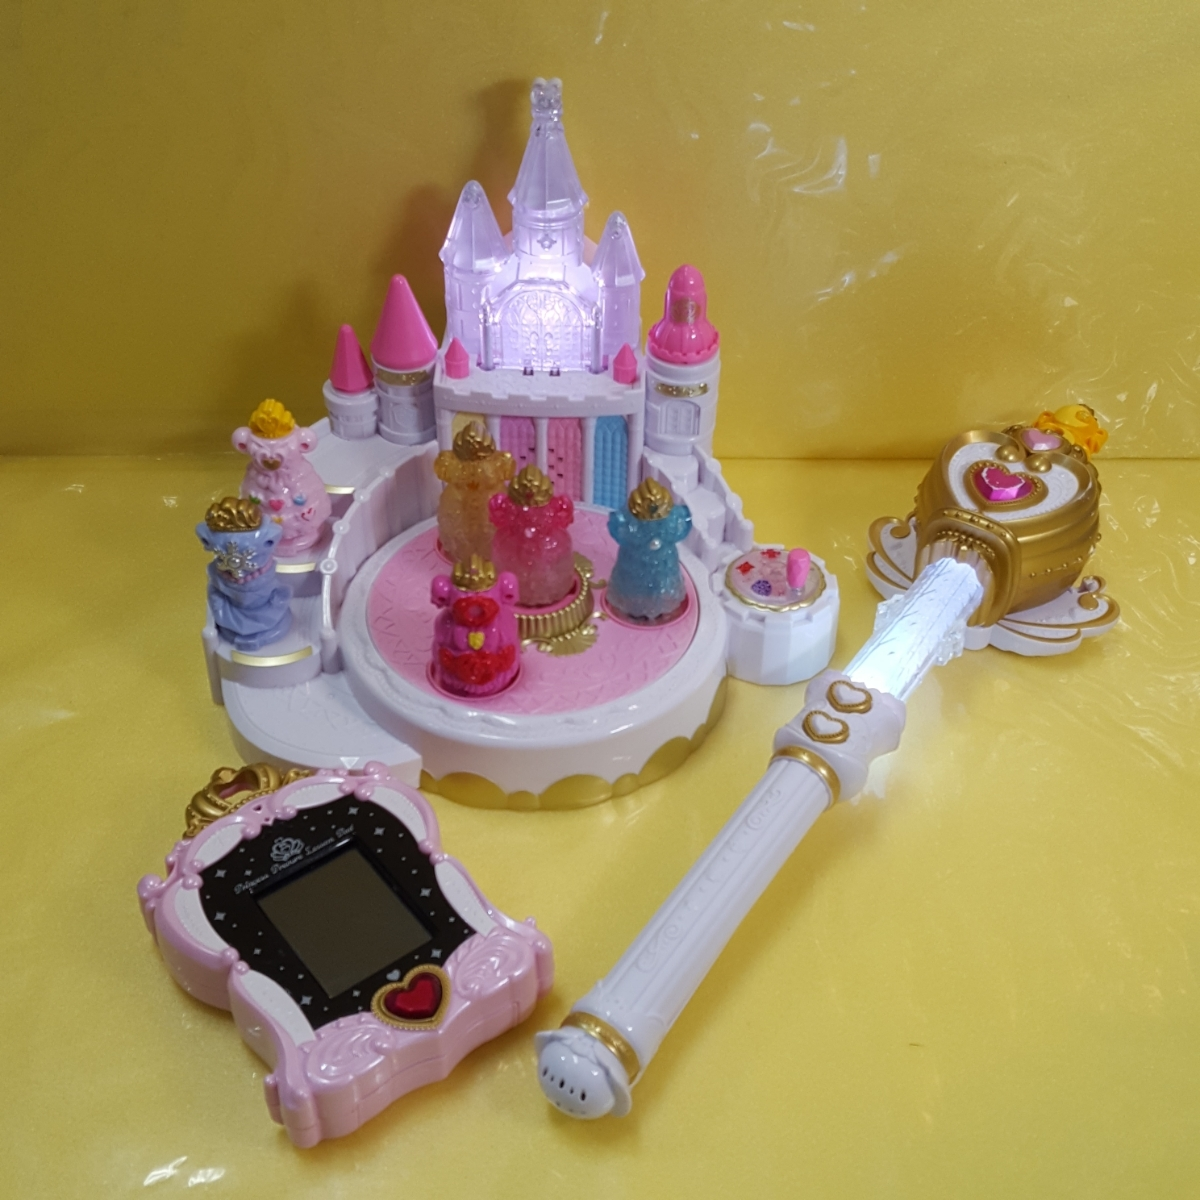 2c515749d06c5c GO! プリンセスプリキュア おもちゃ セット ミュージックプリンセスパレス レッスン